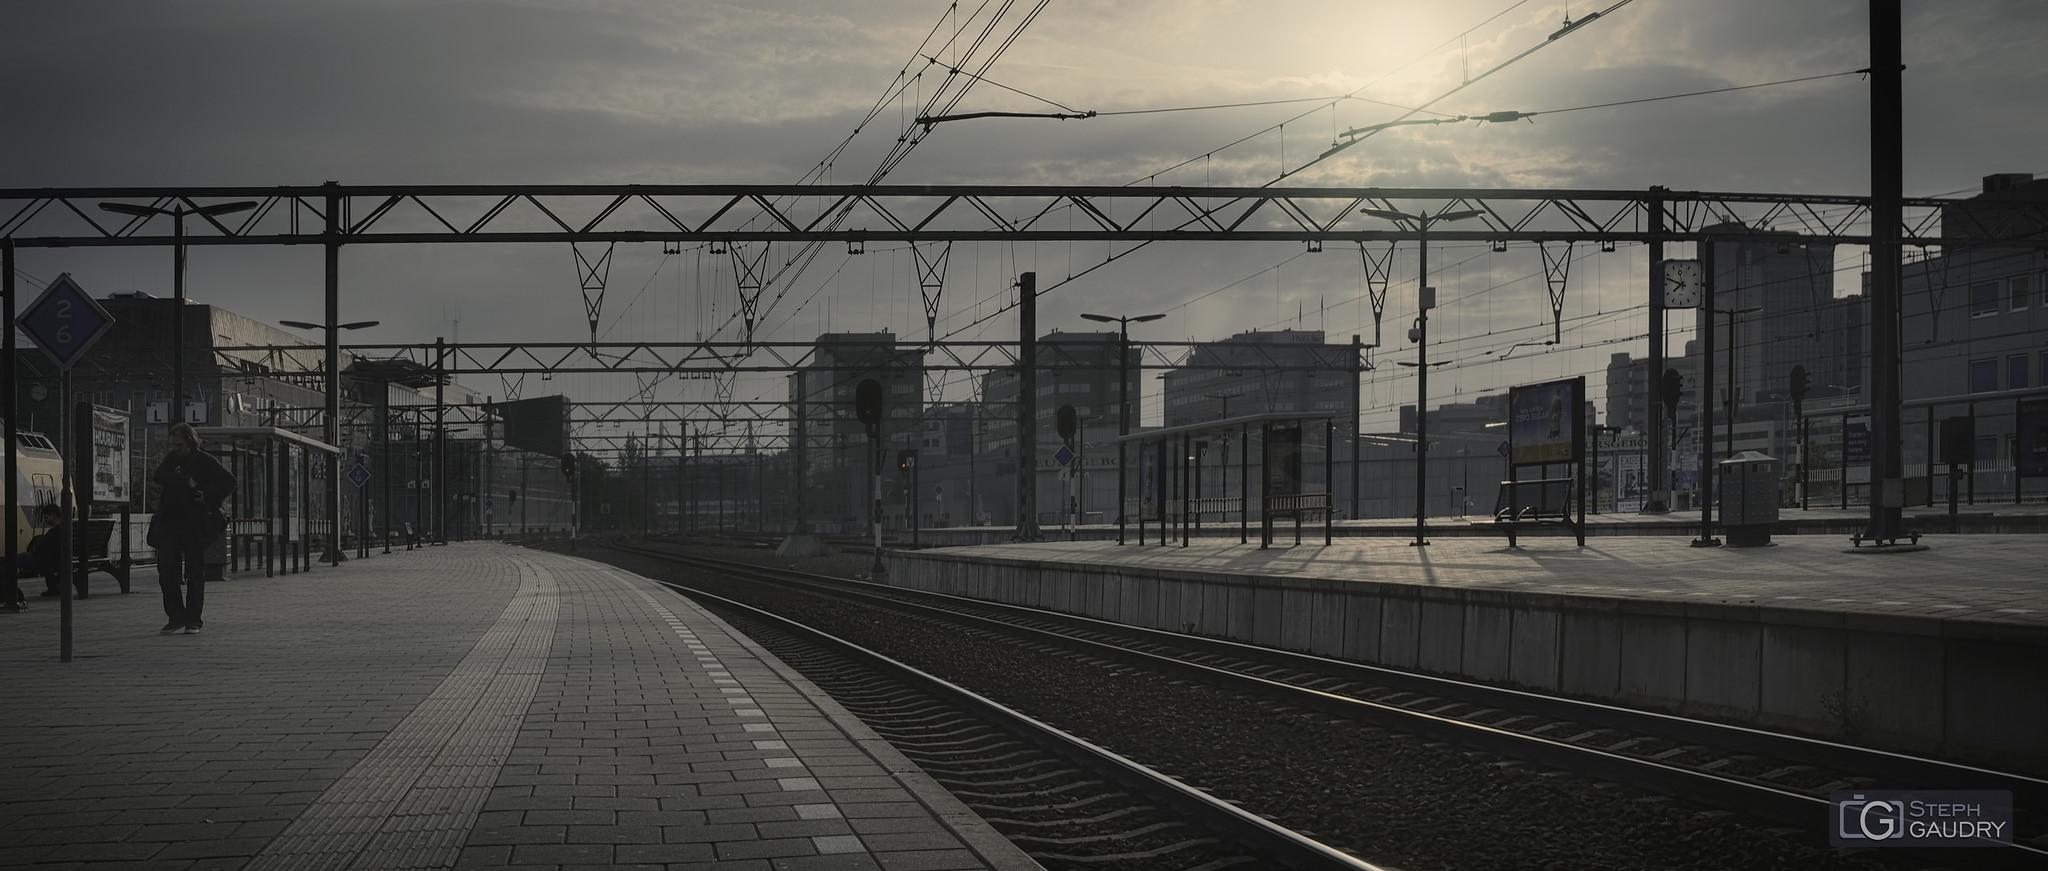 Eindhoven, les quais de la gare [Click to start slideshow]